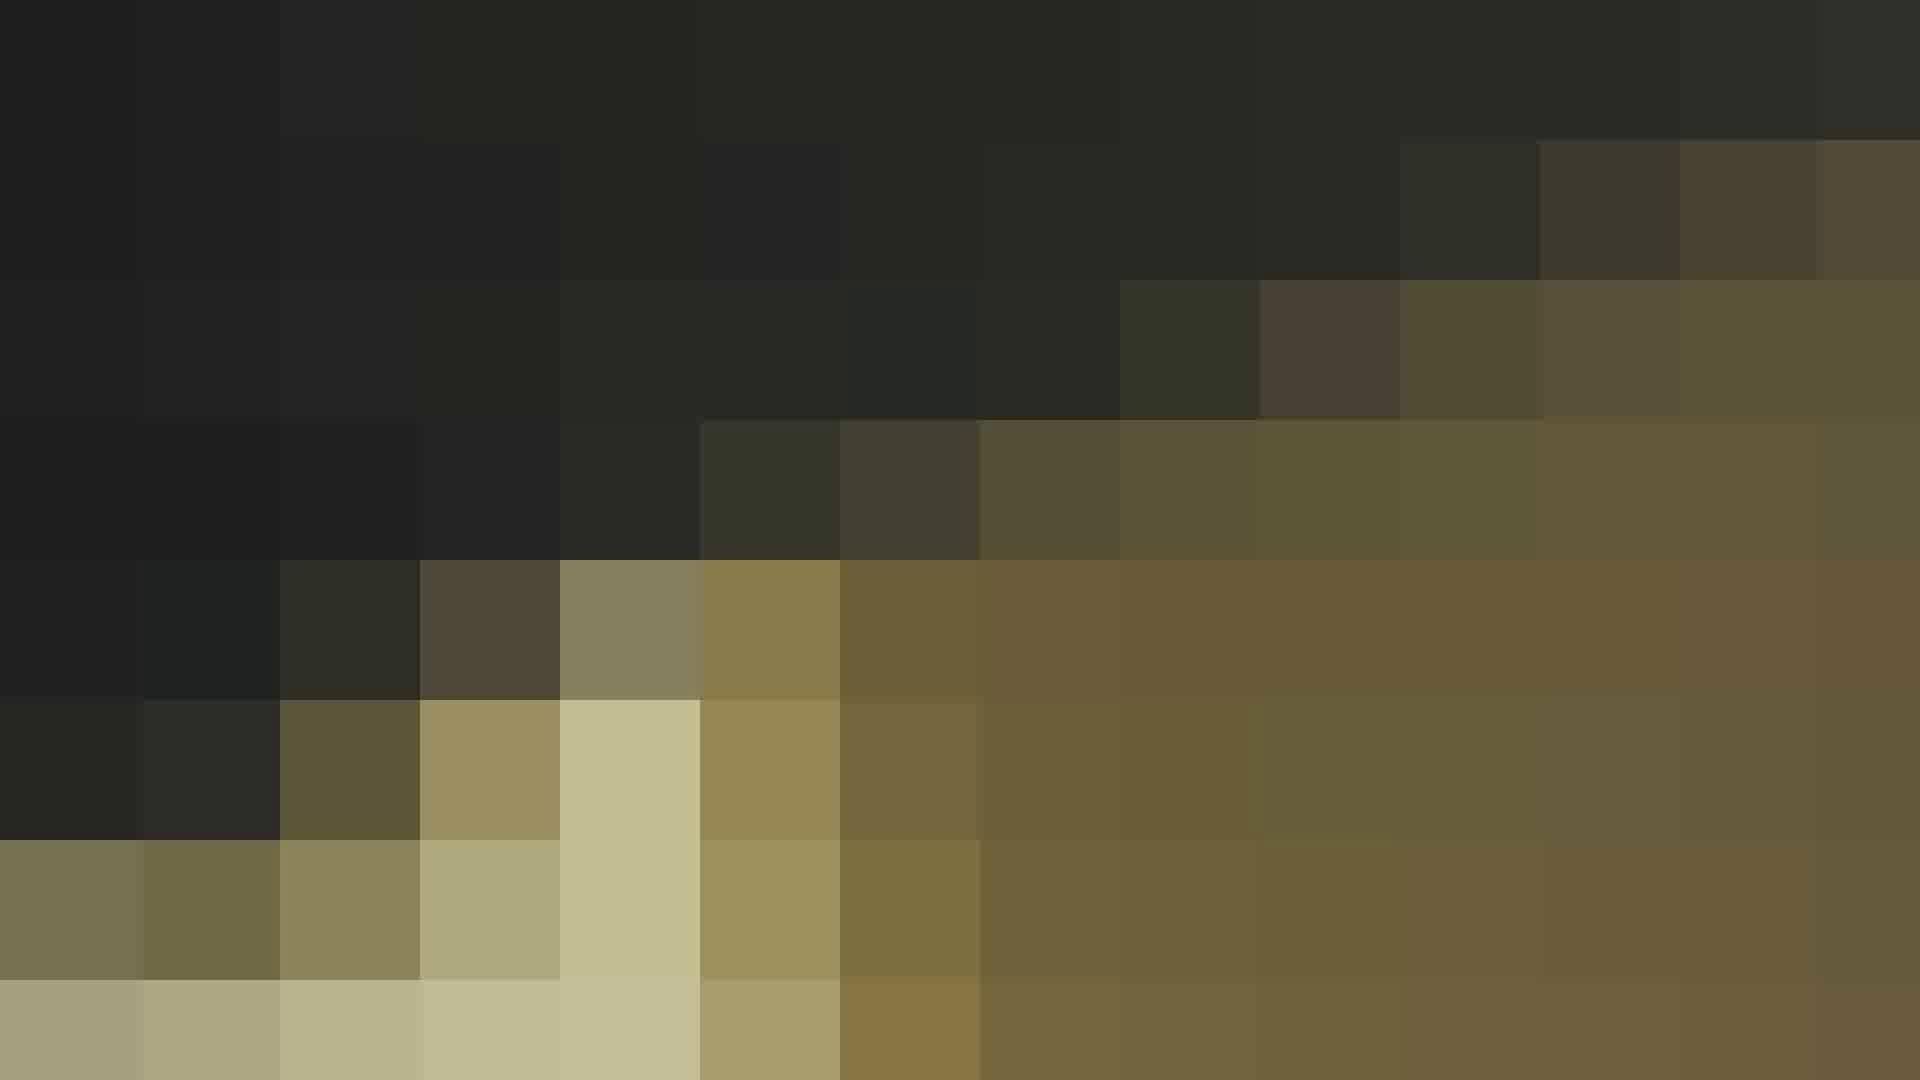 世界の射窓から vol.44 お上品そうな OL  93pic 56